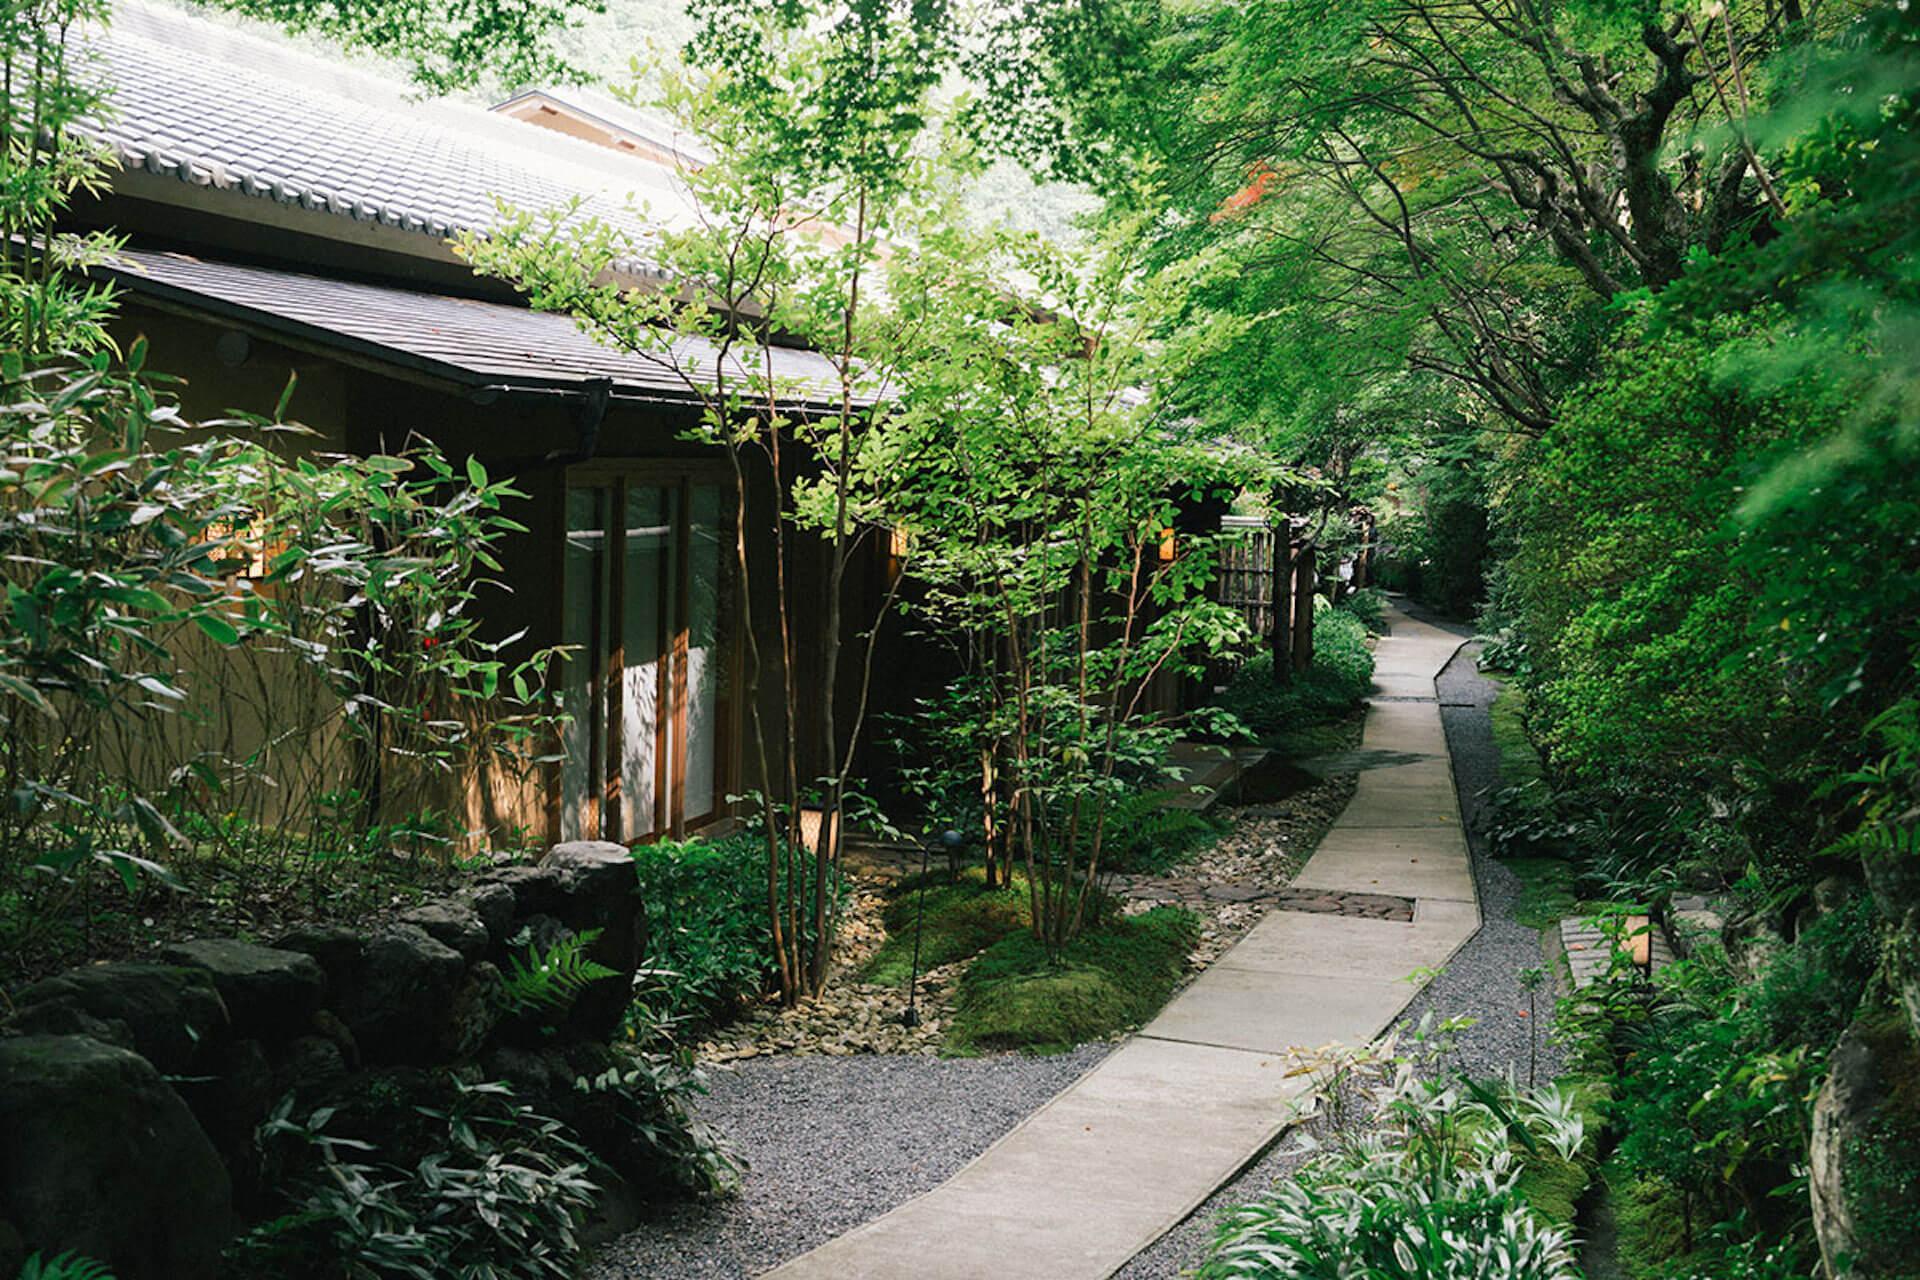 京都・嵐山から舟で非日常へトリップ! 水辺のラグジュアリーホテル『星のや京都』で極上体験 7